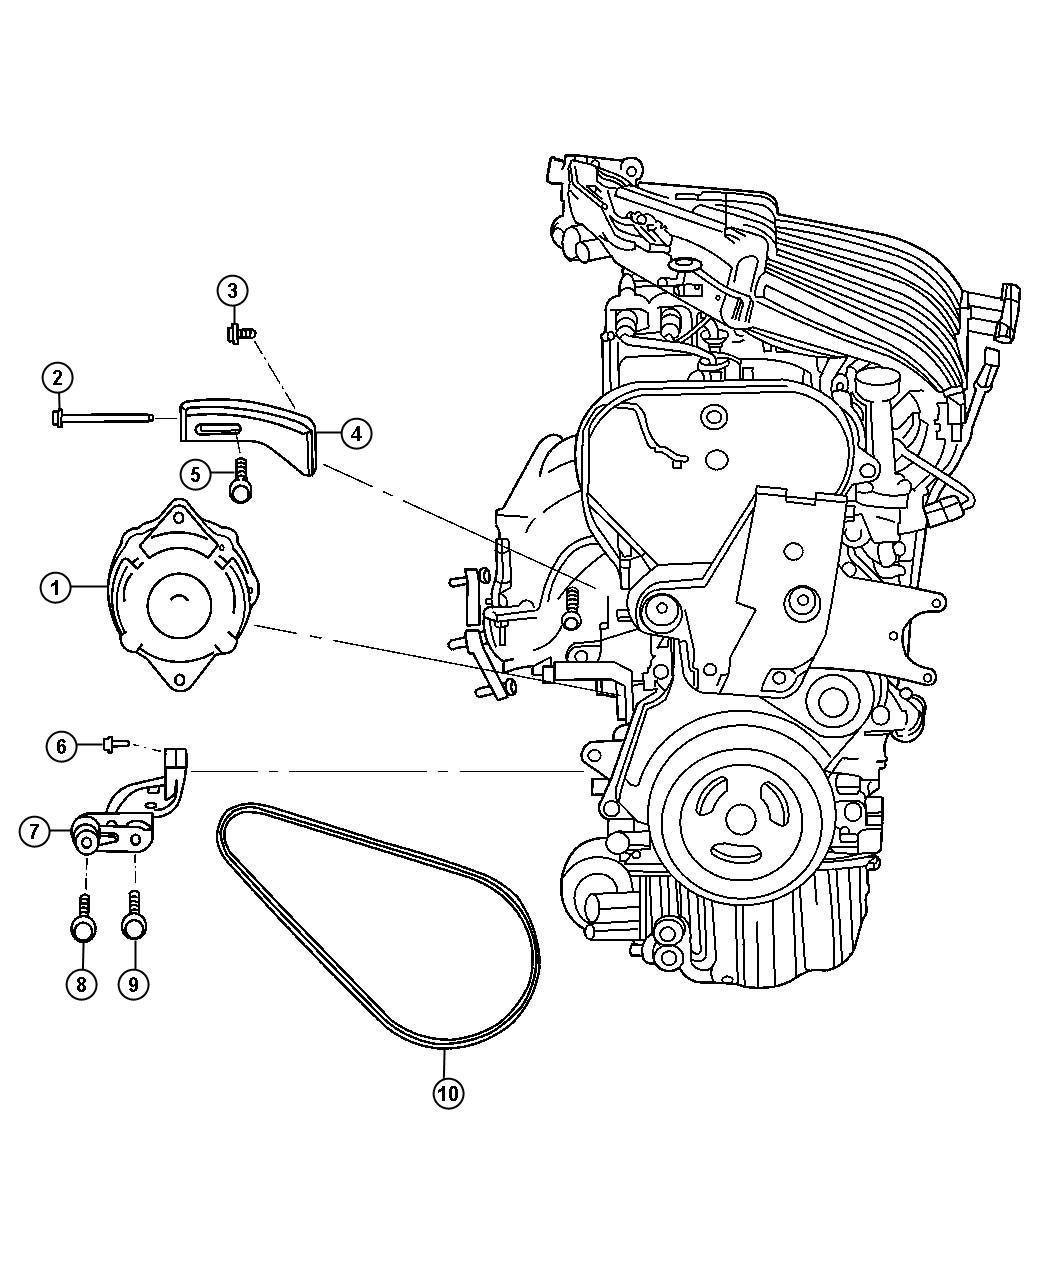 Chrysler Pt Cruiser Screw Header Point M8x1 25 Tapped